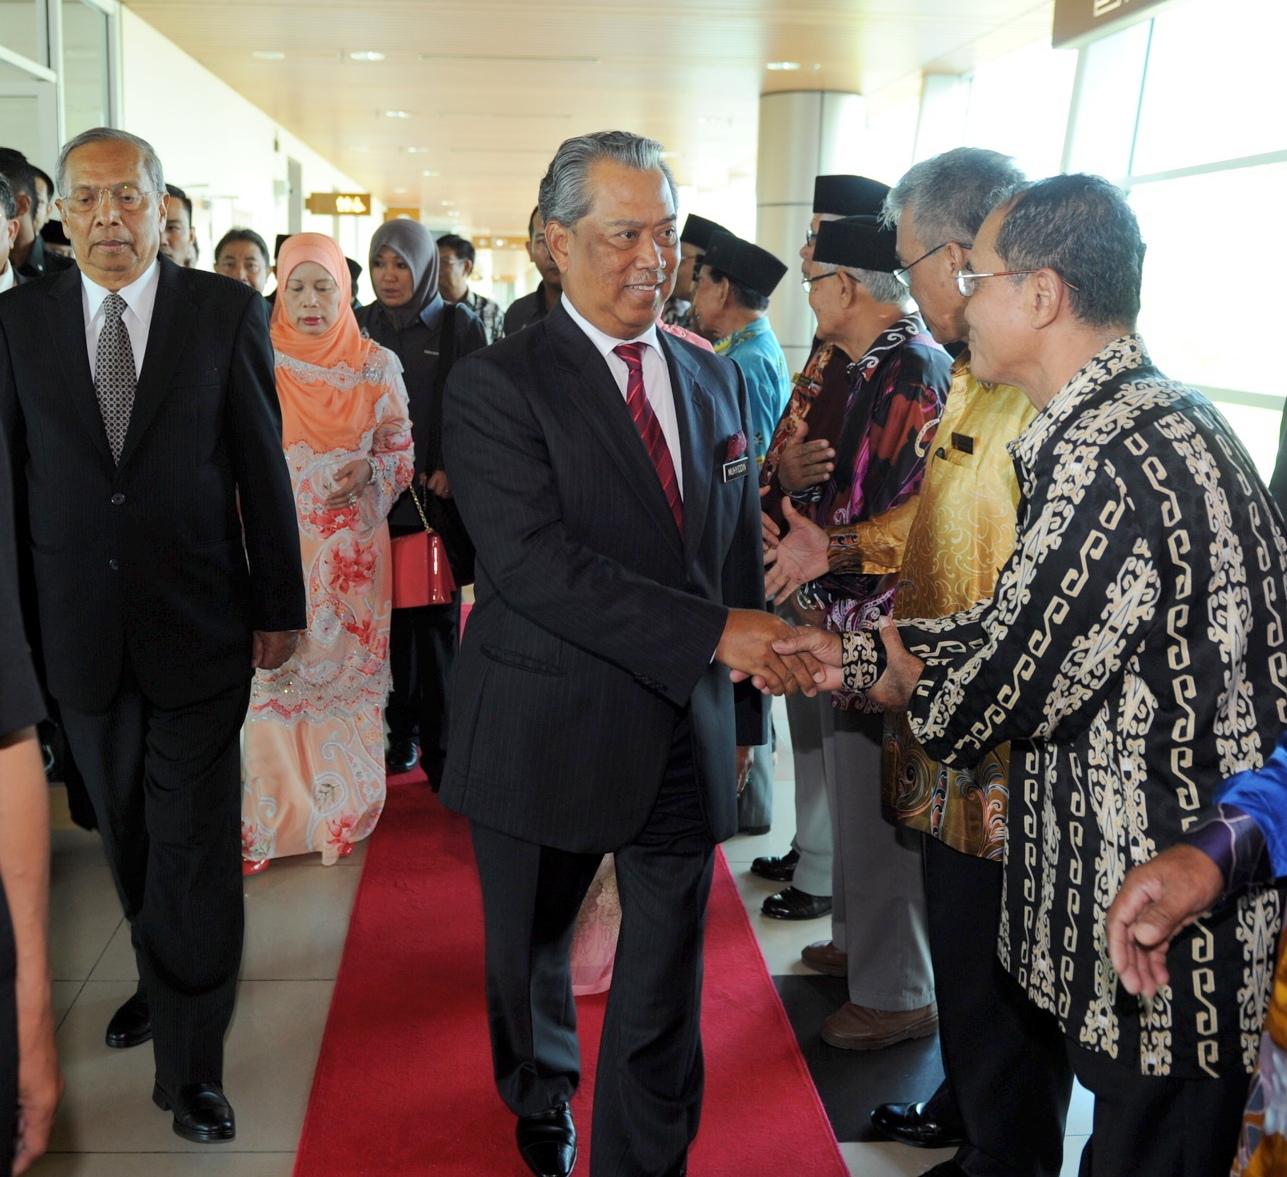 副揆慕尤丁抵达古晋国际机场时受到热烈欢迎,左为首长阿德南。